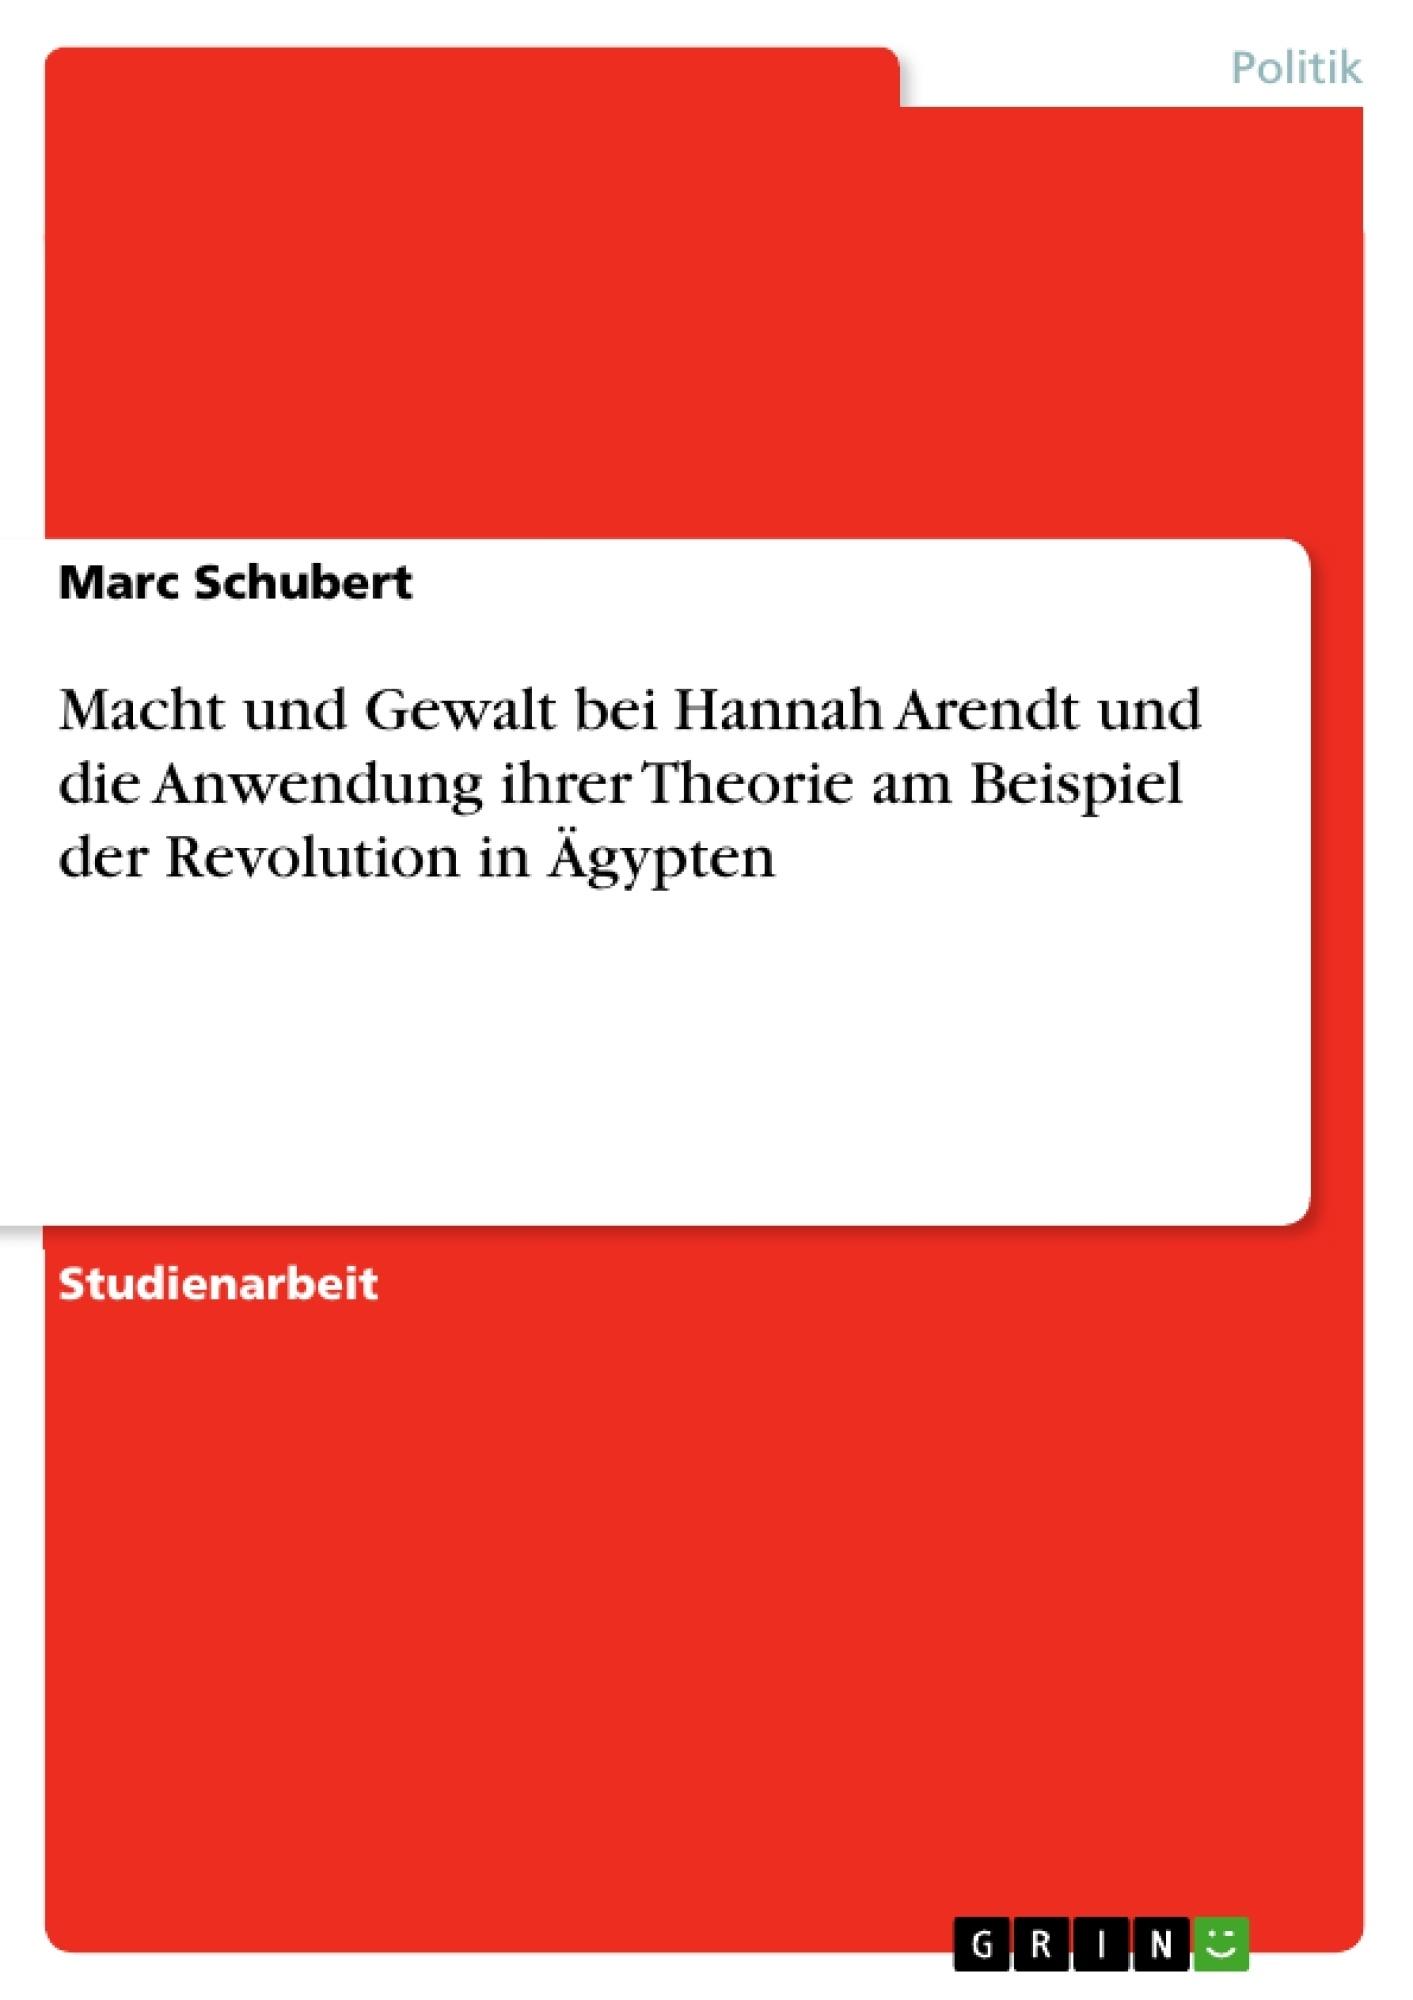 Titel: Macht und Gewalt bei Hannah Arendt und die Anwendung ihrer Theorie am Beispiel der Revolution in Ägypten